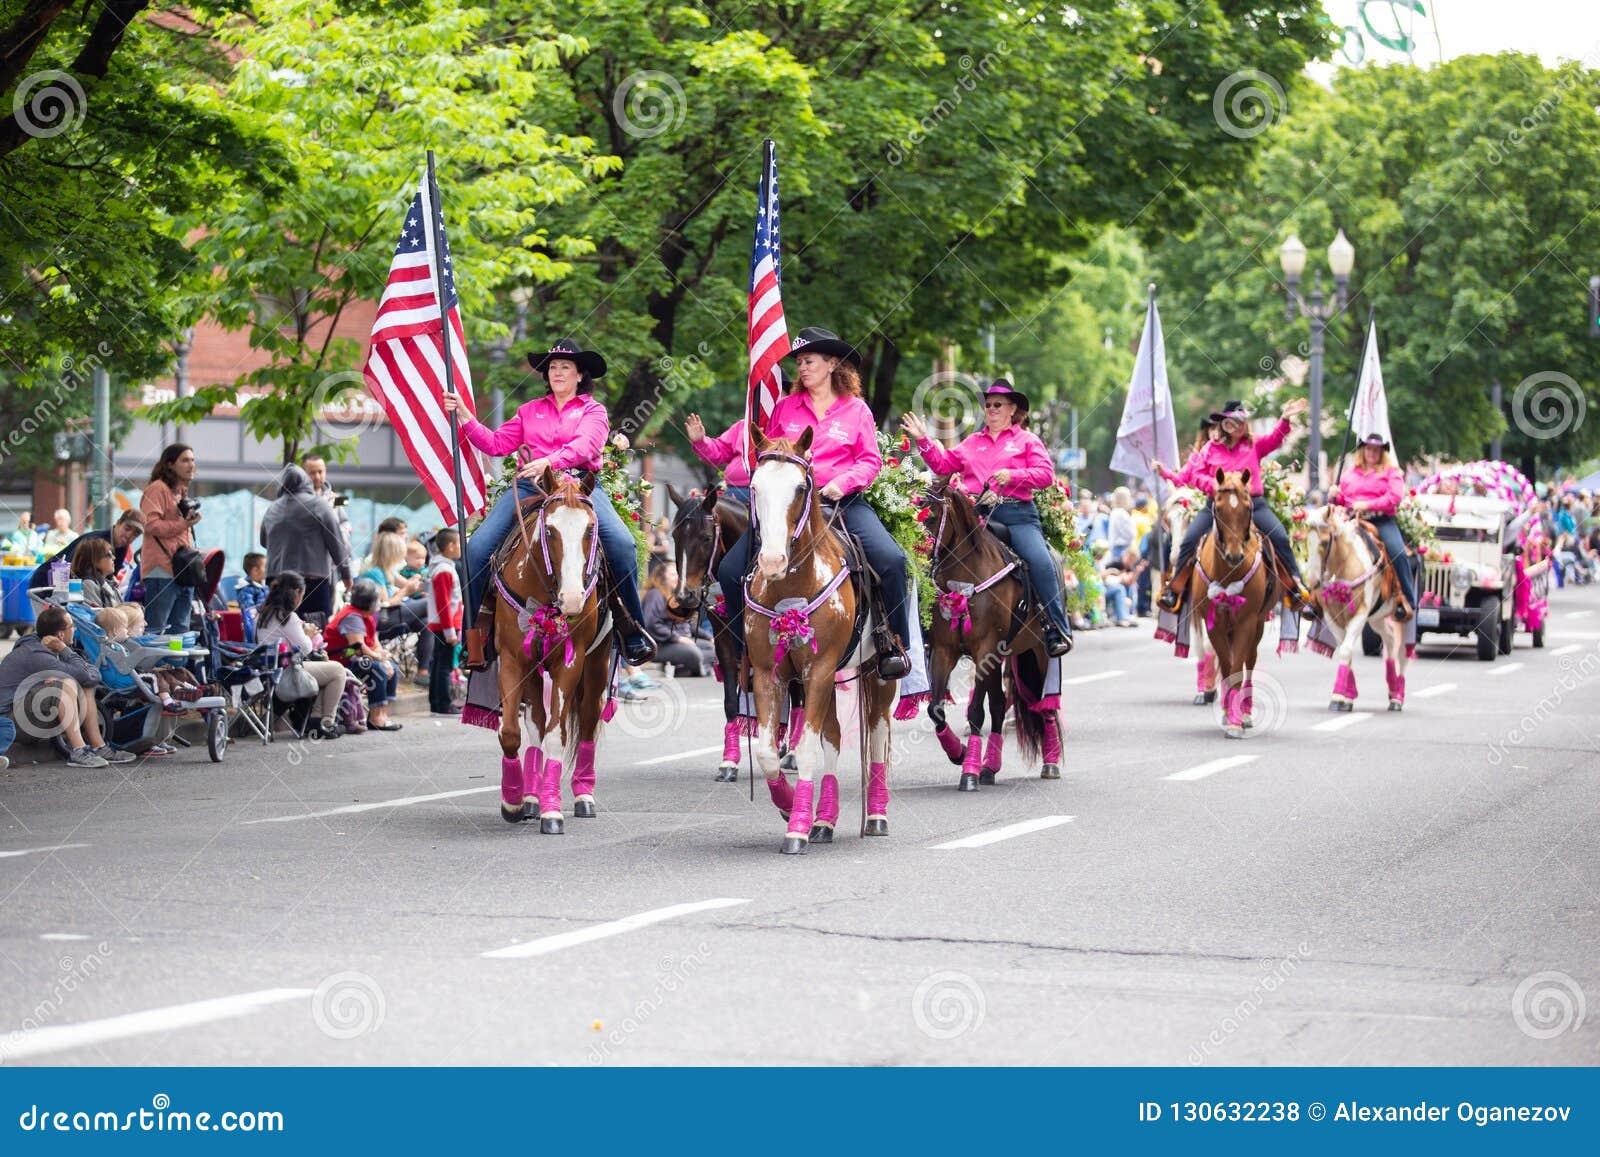 Grupo de mujeres adultas en trajes rosados del vaquero